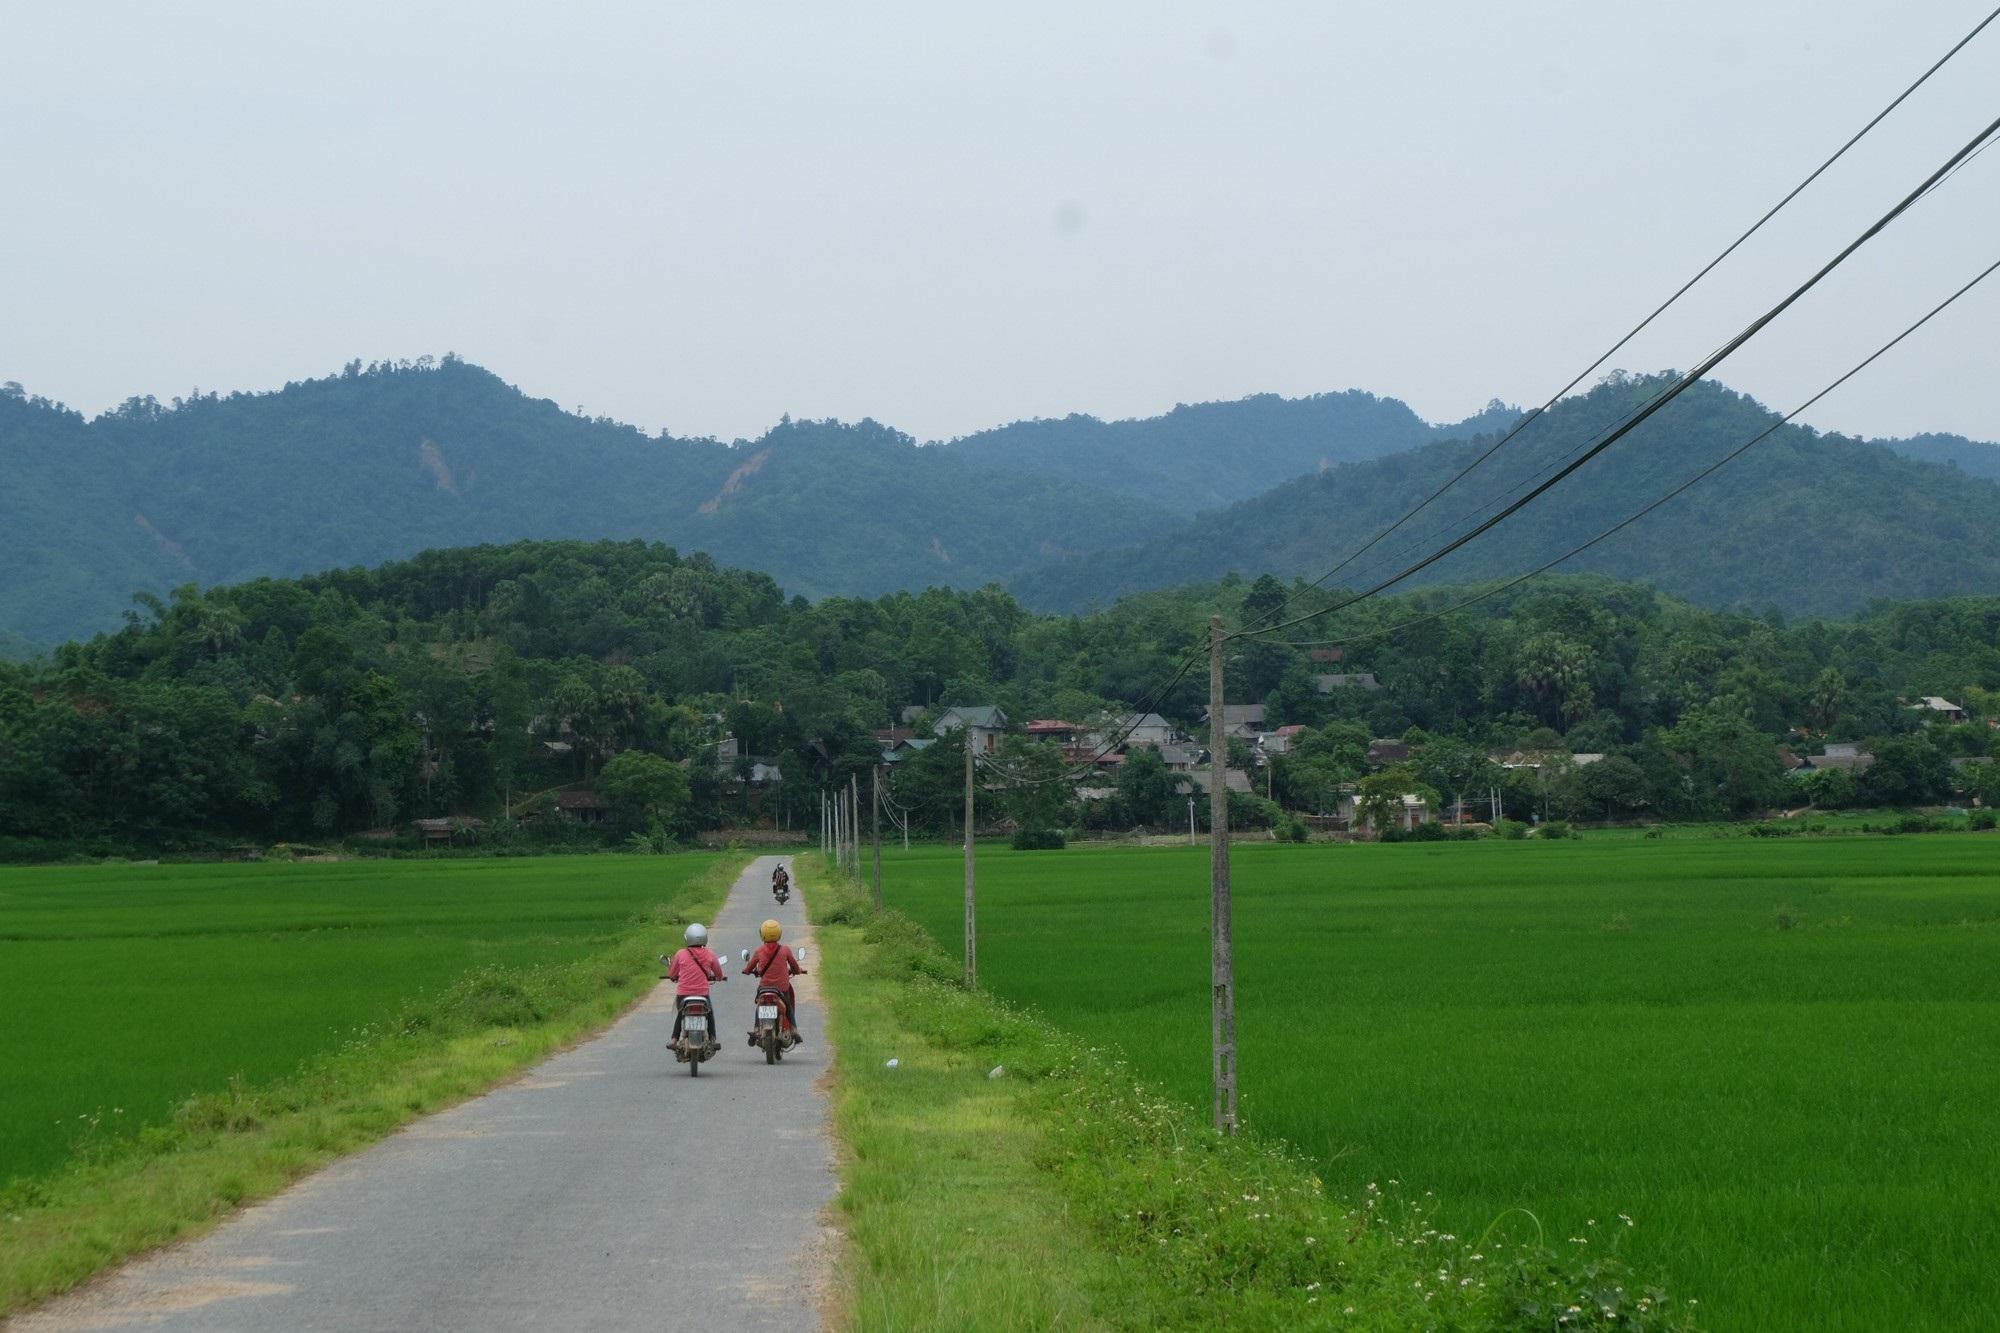 Vụ phát hiện hàng loạt ca nhiễm HIV ở Phú Thọ: Trên địa bàn xã Kim Thượng đã phát hiện 9 trường hợp nhiễm HIV từ nhiều năm trước - Ảnh 1